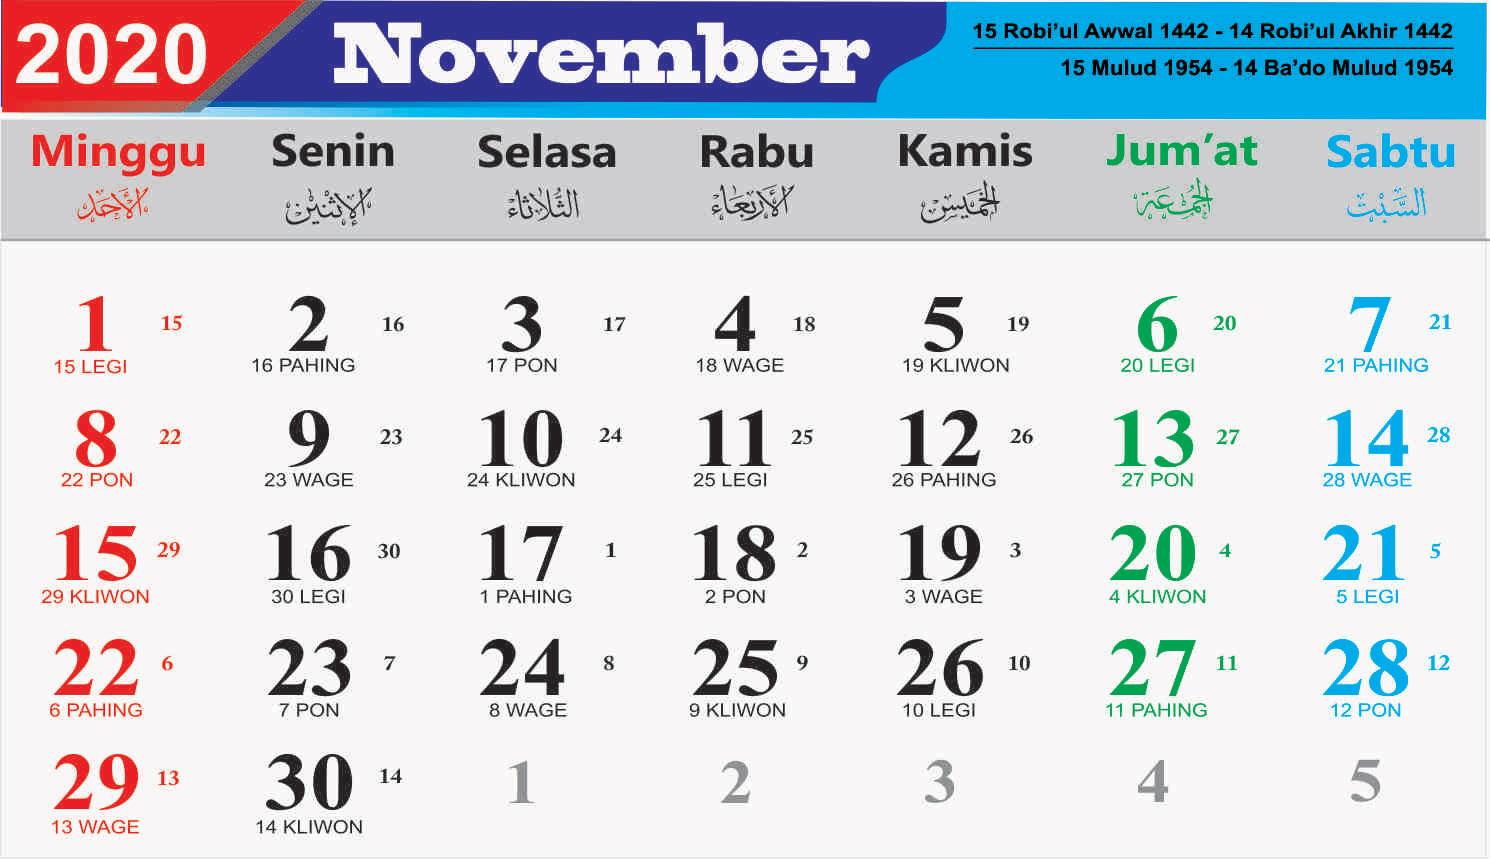 Hari Besar Nasional November 2020